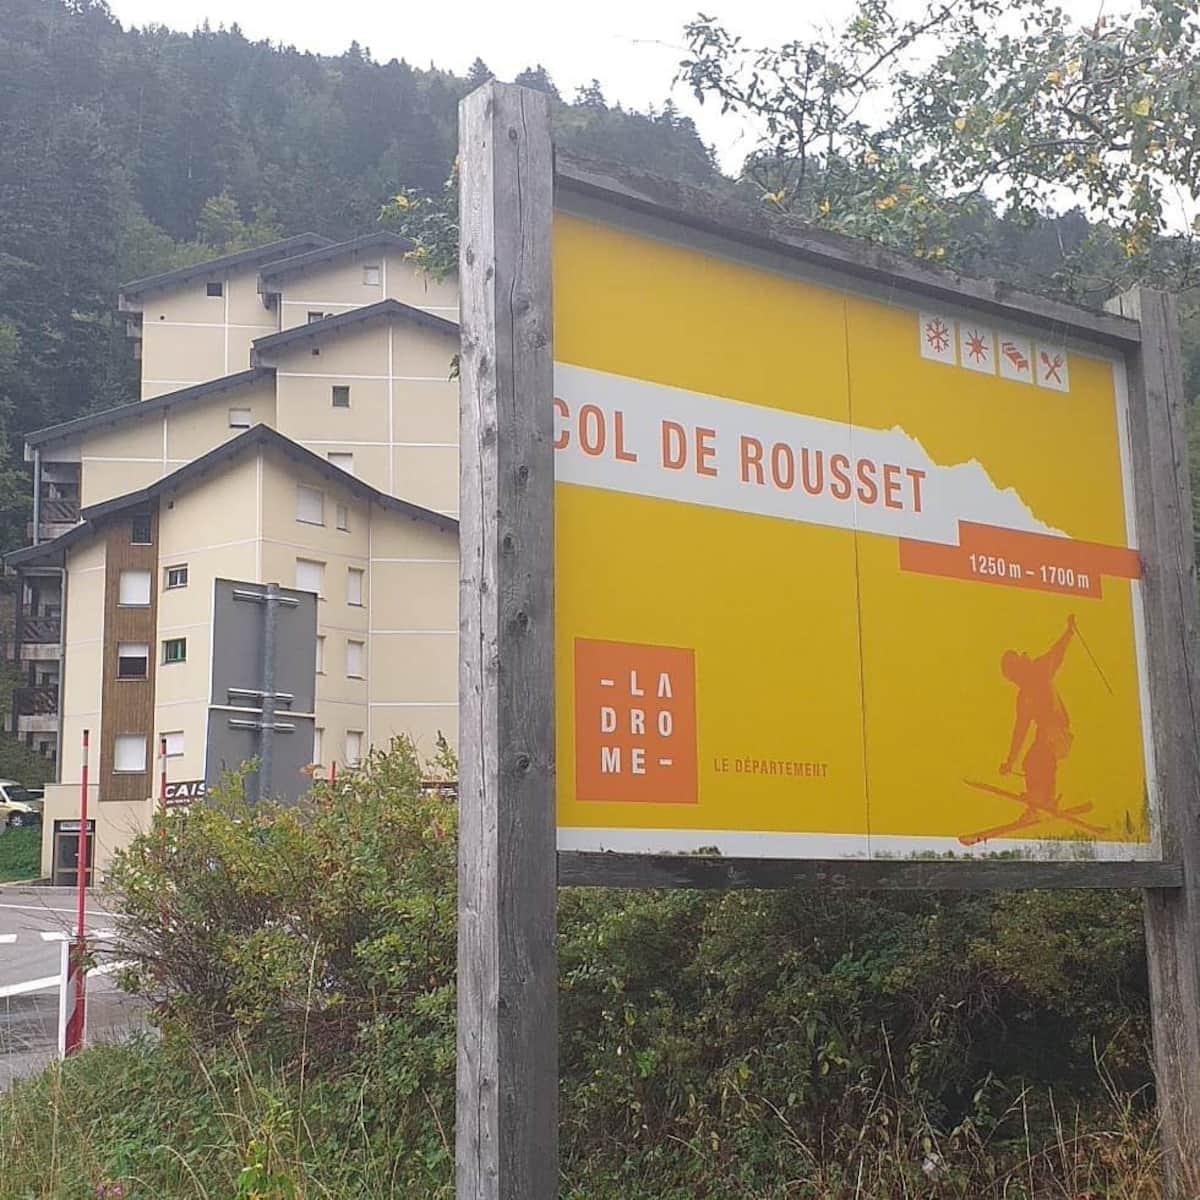 Appartement Col de Rousset